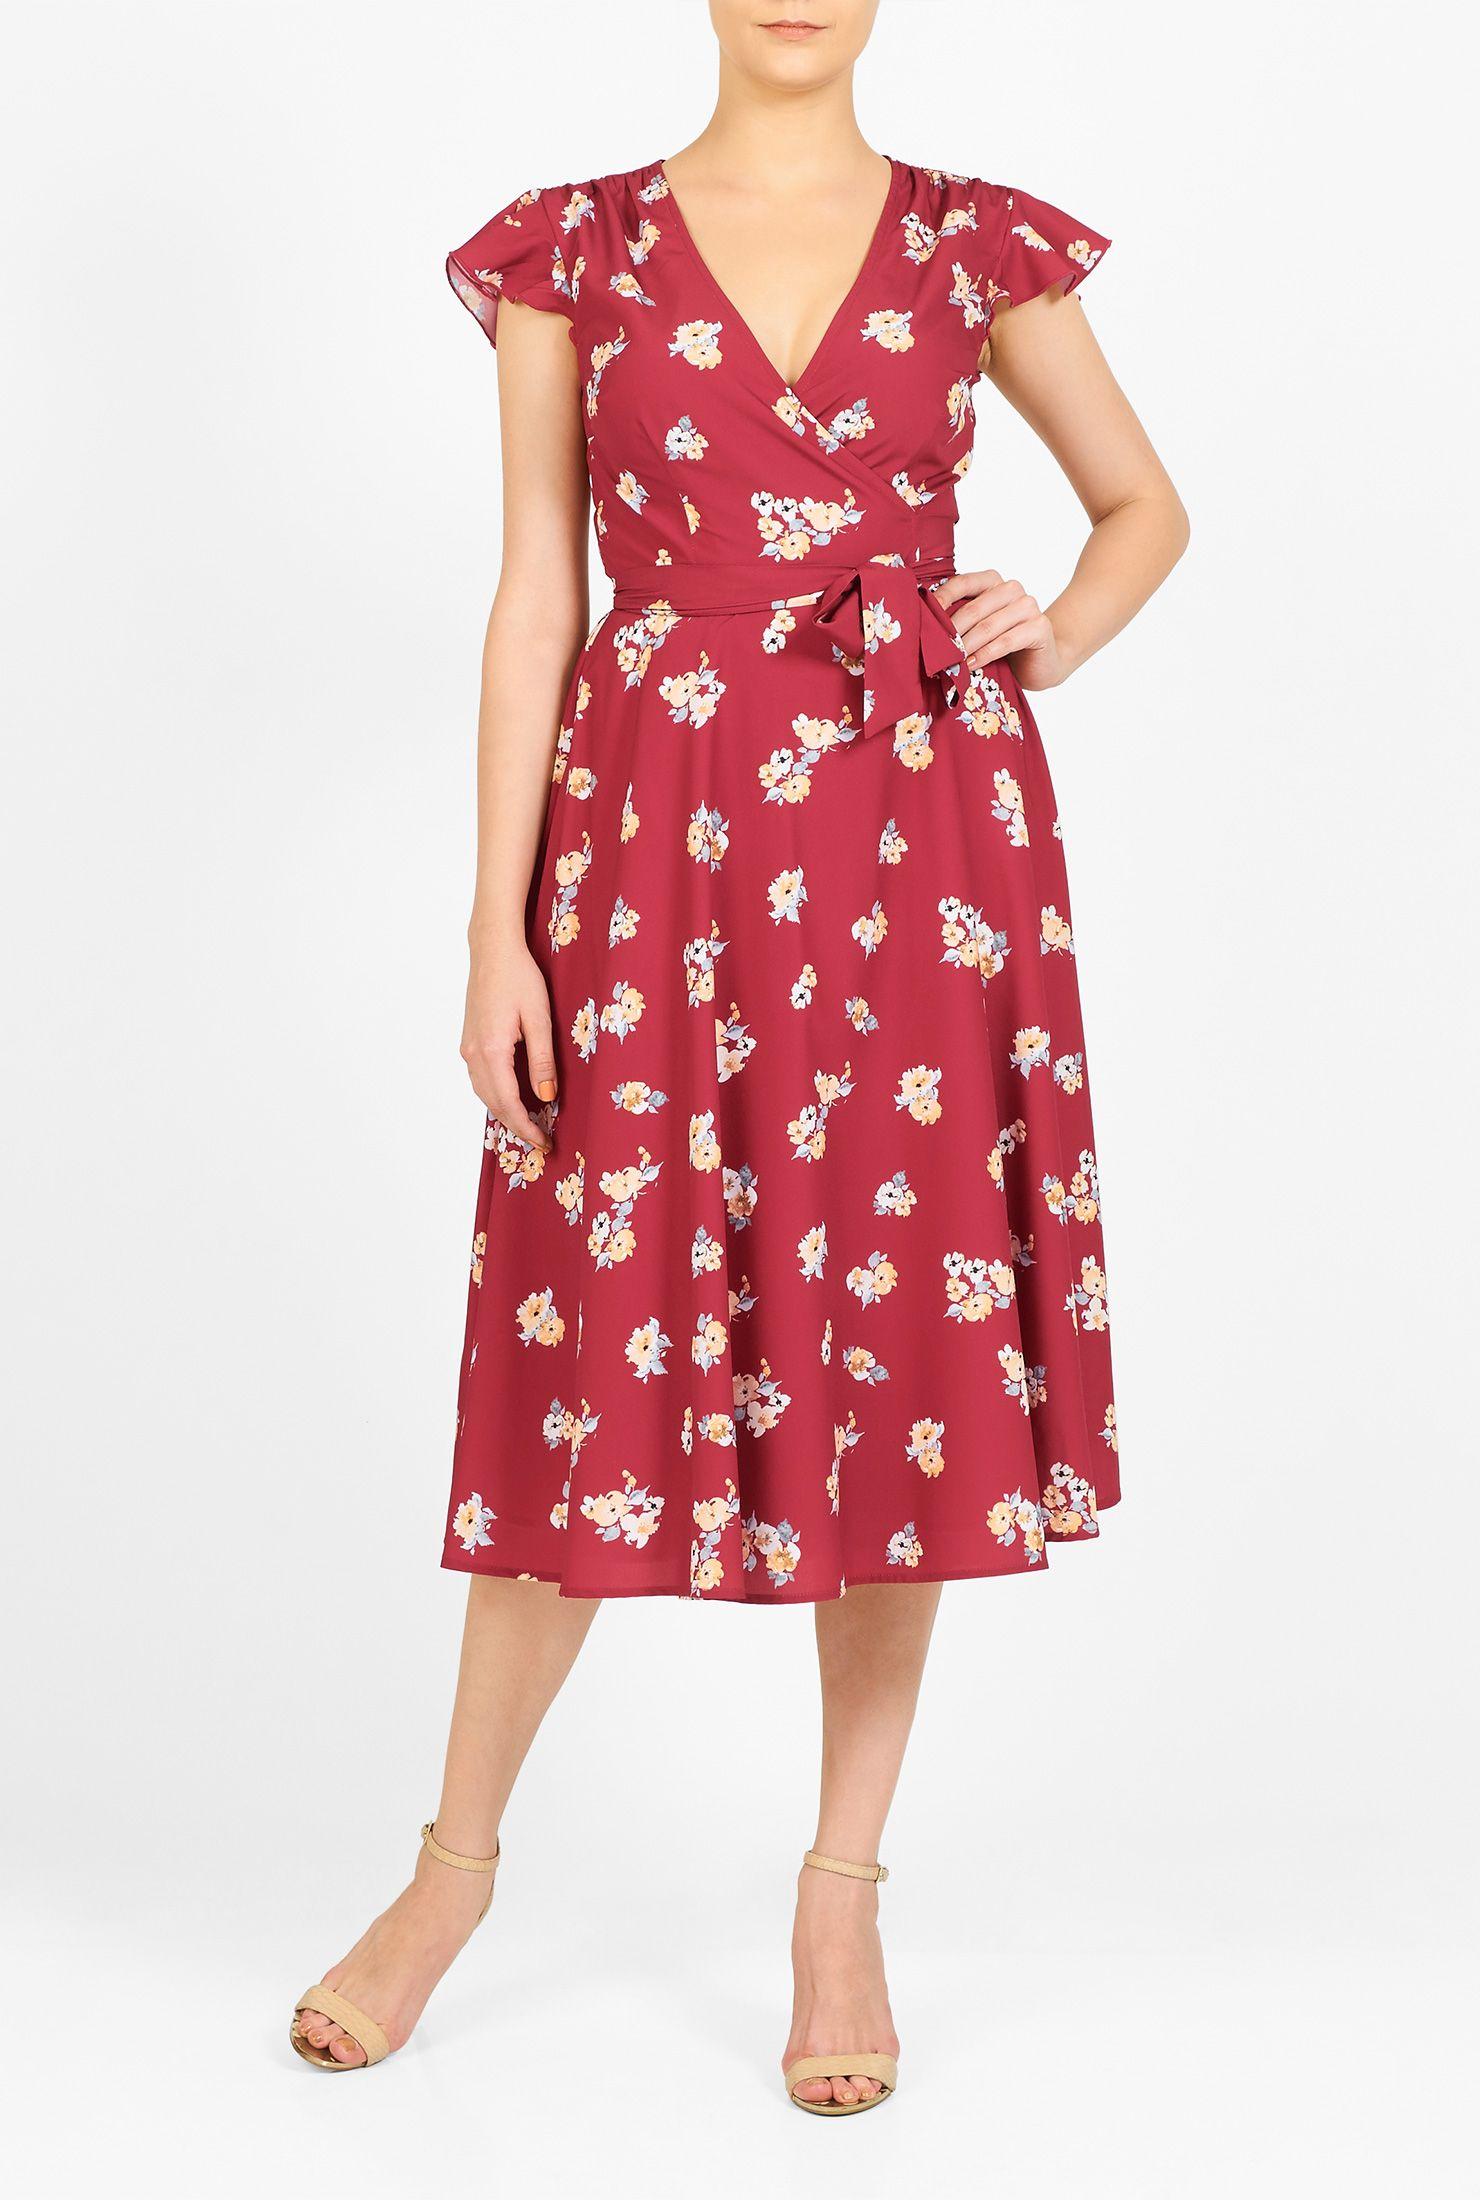 Teus Vestidos | drēbes | Pinterest | Modelos de vestido, Vestiditos ...